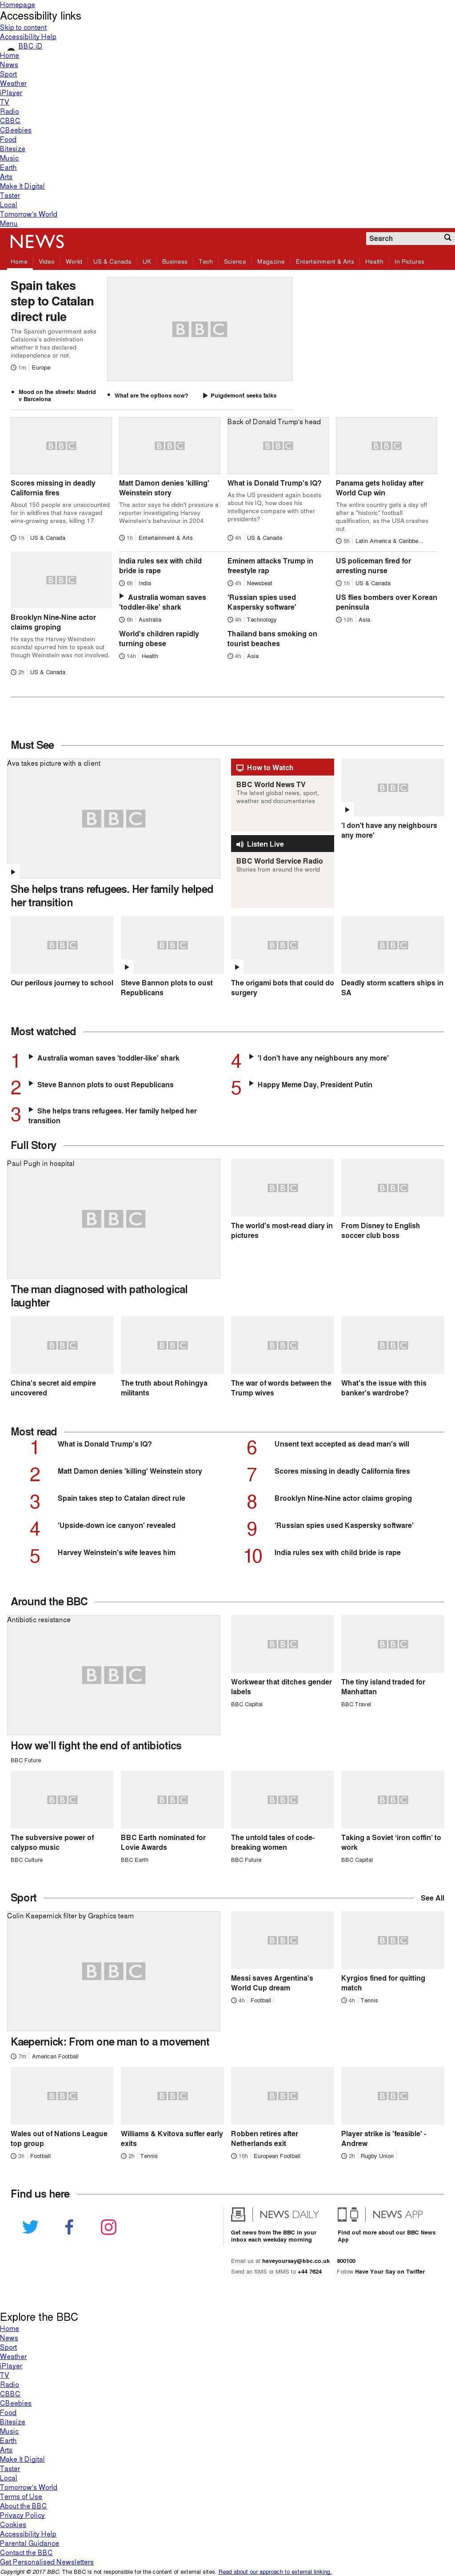 BBC at Wednesday Oct. 11, 2017, 2 p.m. UTC